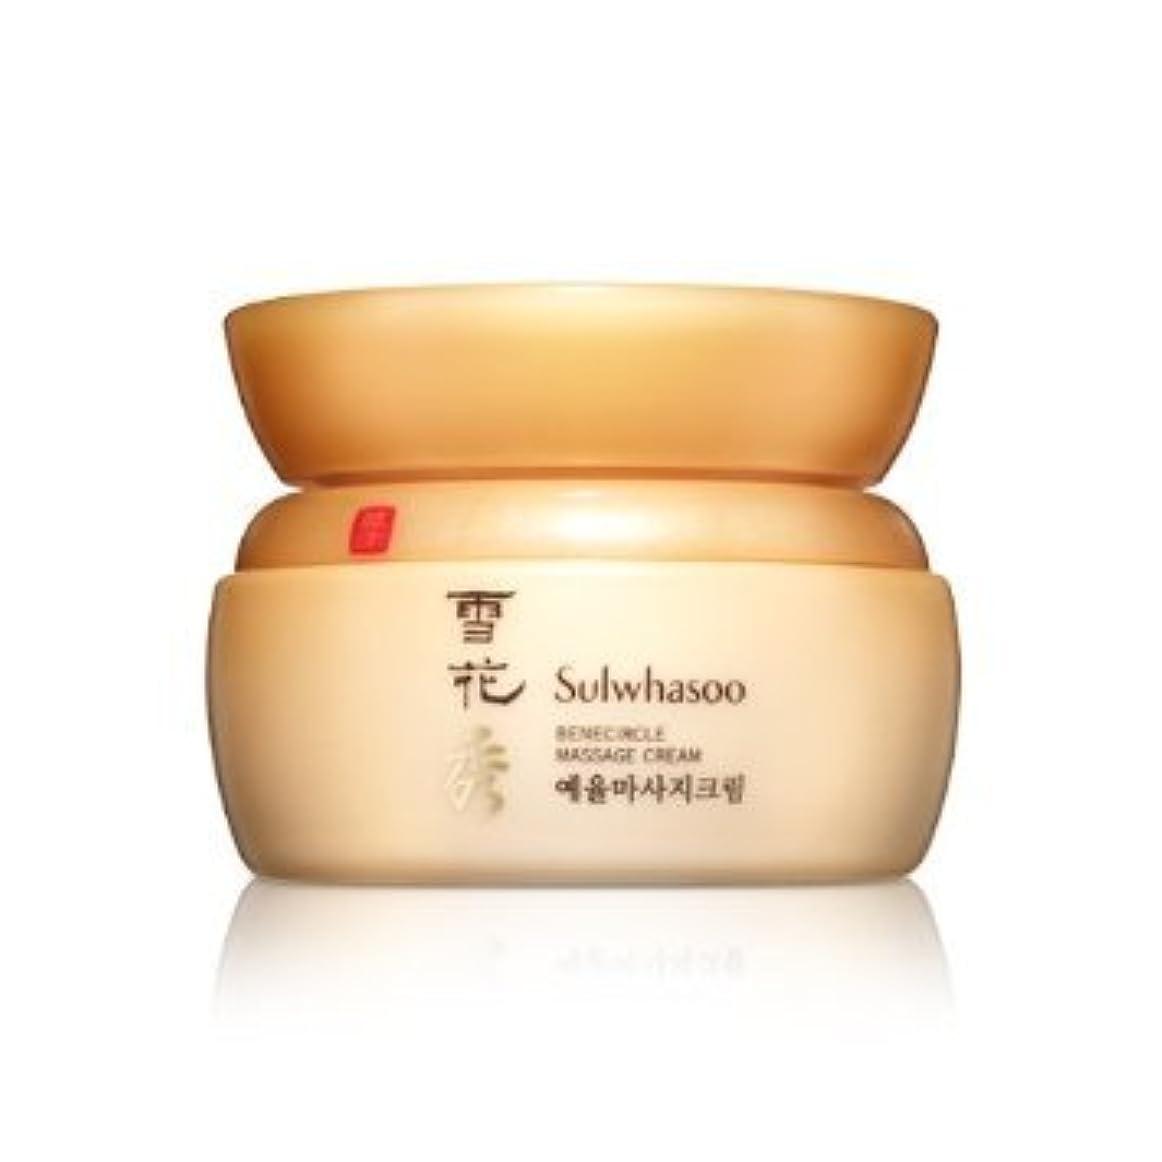 悲劇的な無効にするのれん[Sulwhasoo] Benecircle Massage Cream (Yae Yul Massage Cream) 180ml / FREE Gift Wrap![並行輸入品]